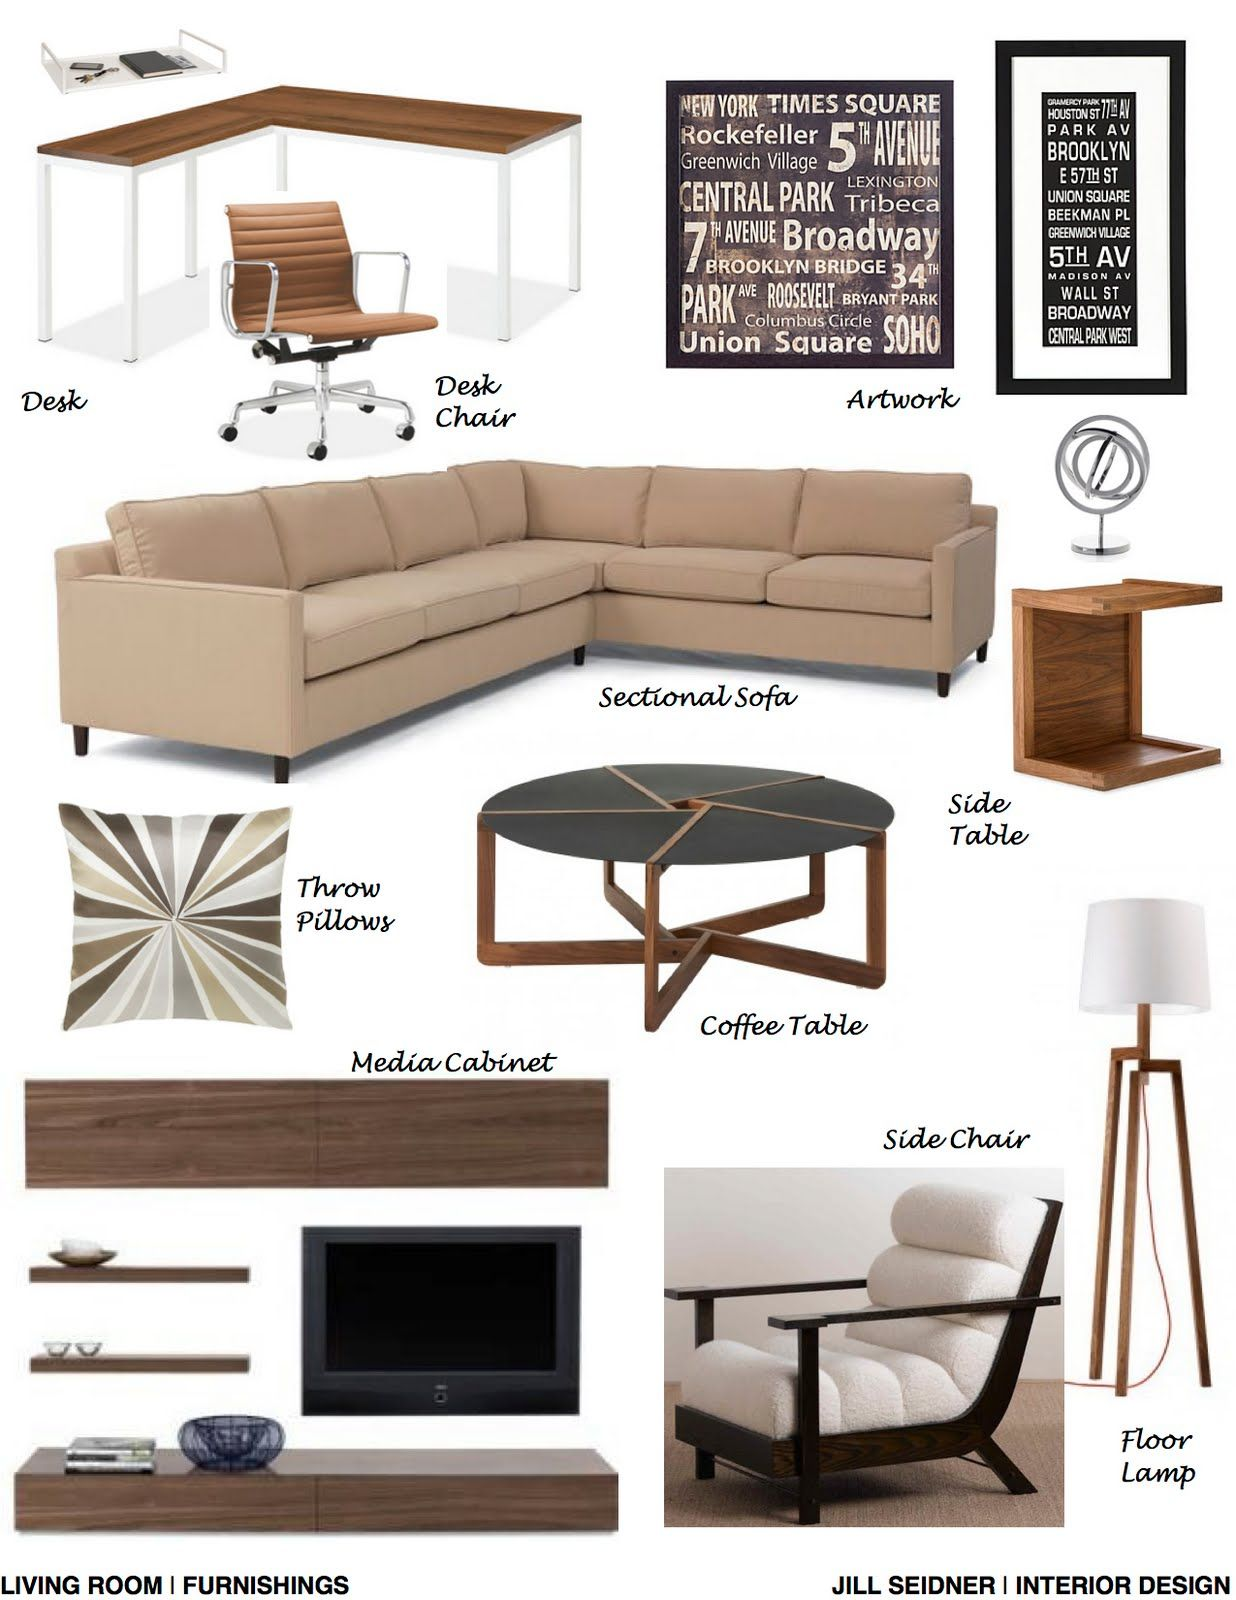 Concept Boards Interior Design Boards Interior Design Interior Design Help